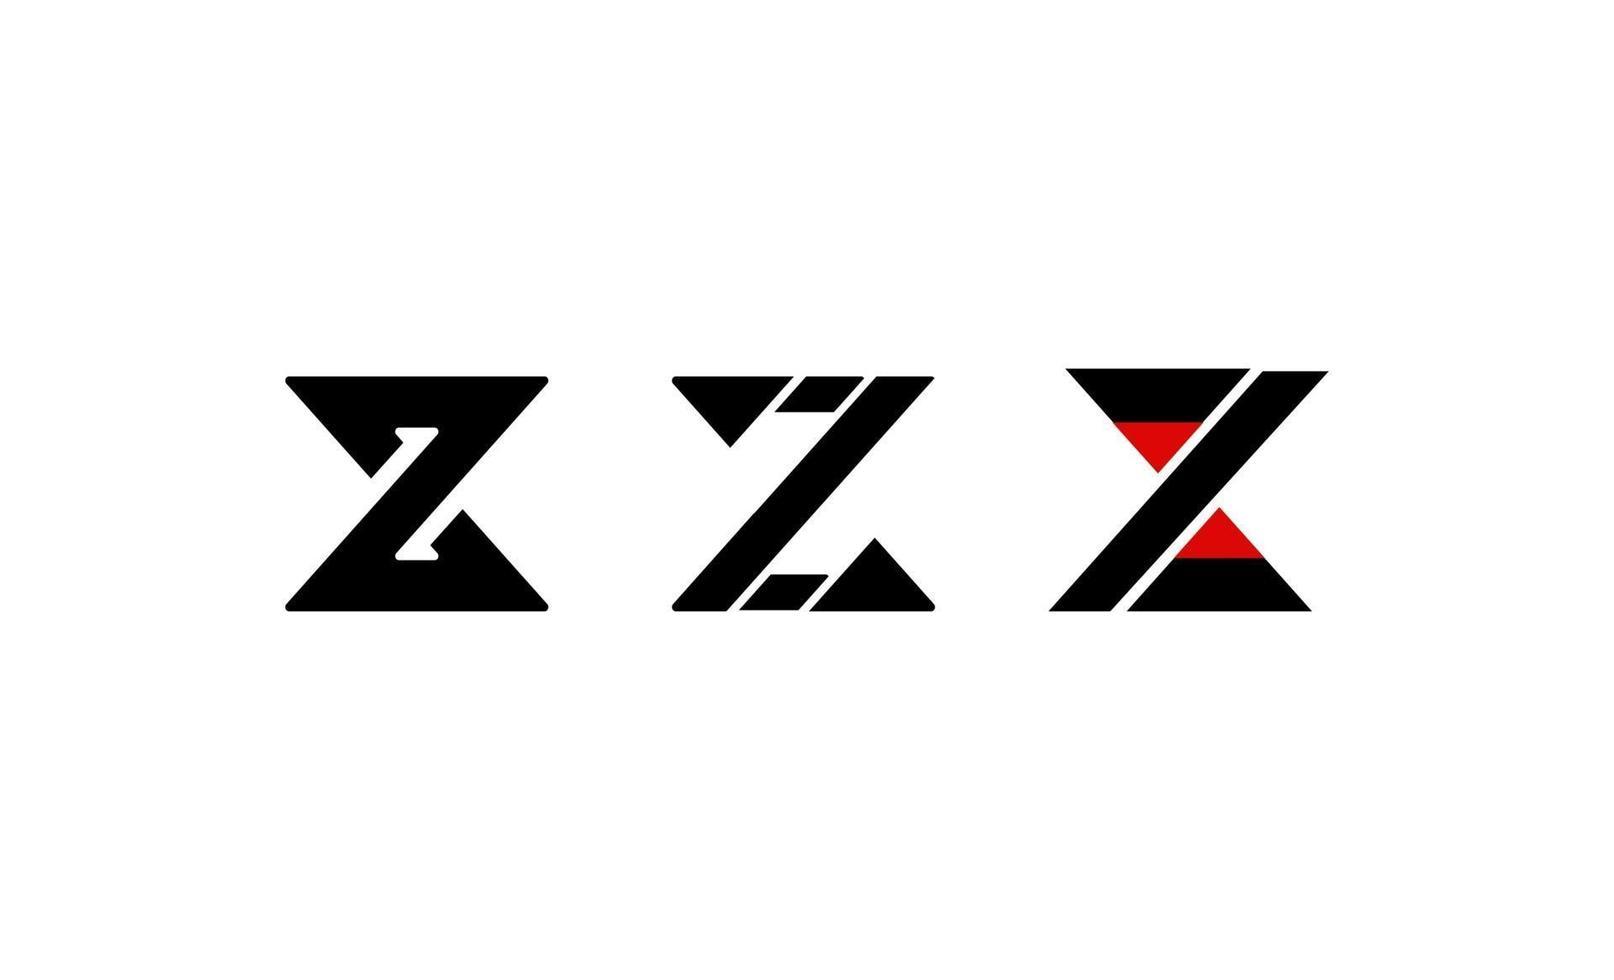 brev initial z monogram logo design vektor